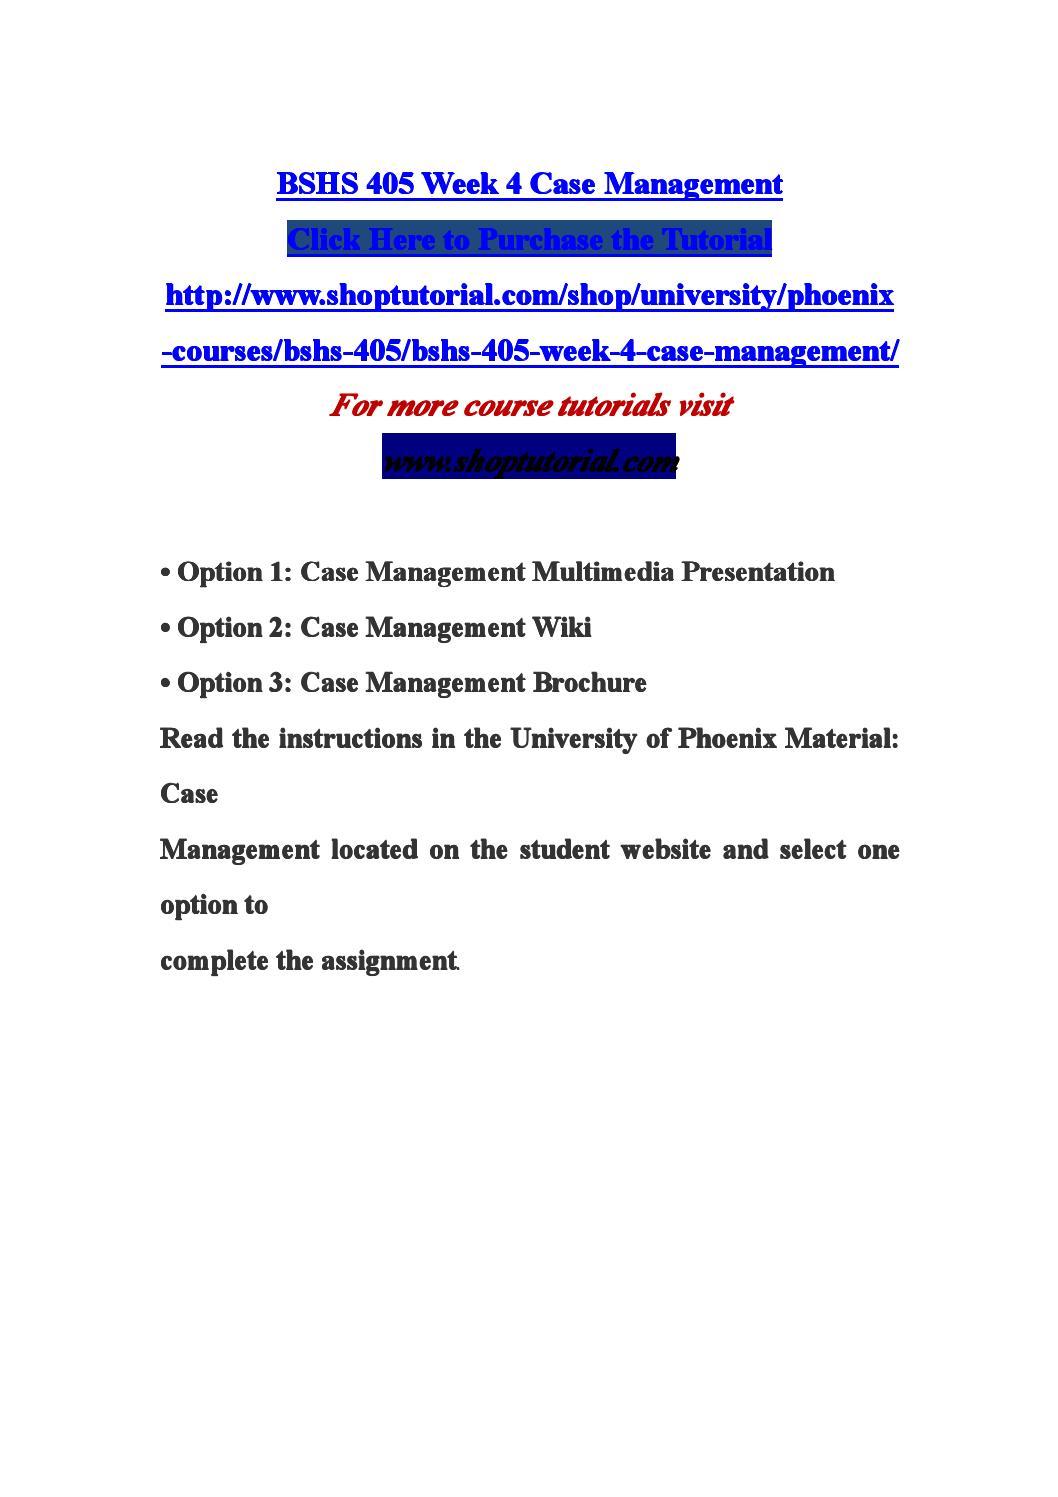 3 Unique Case Management Models